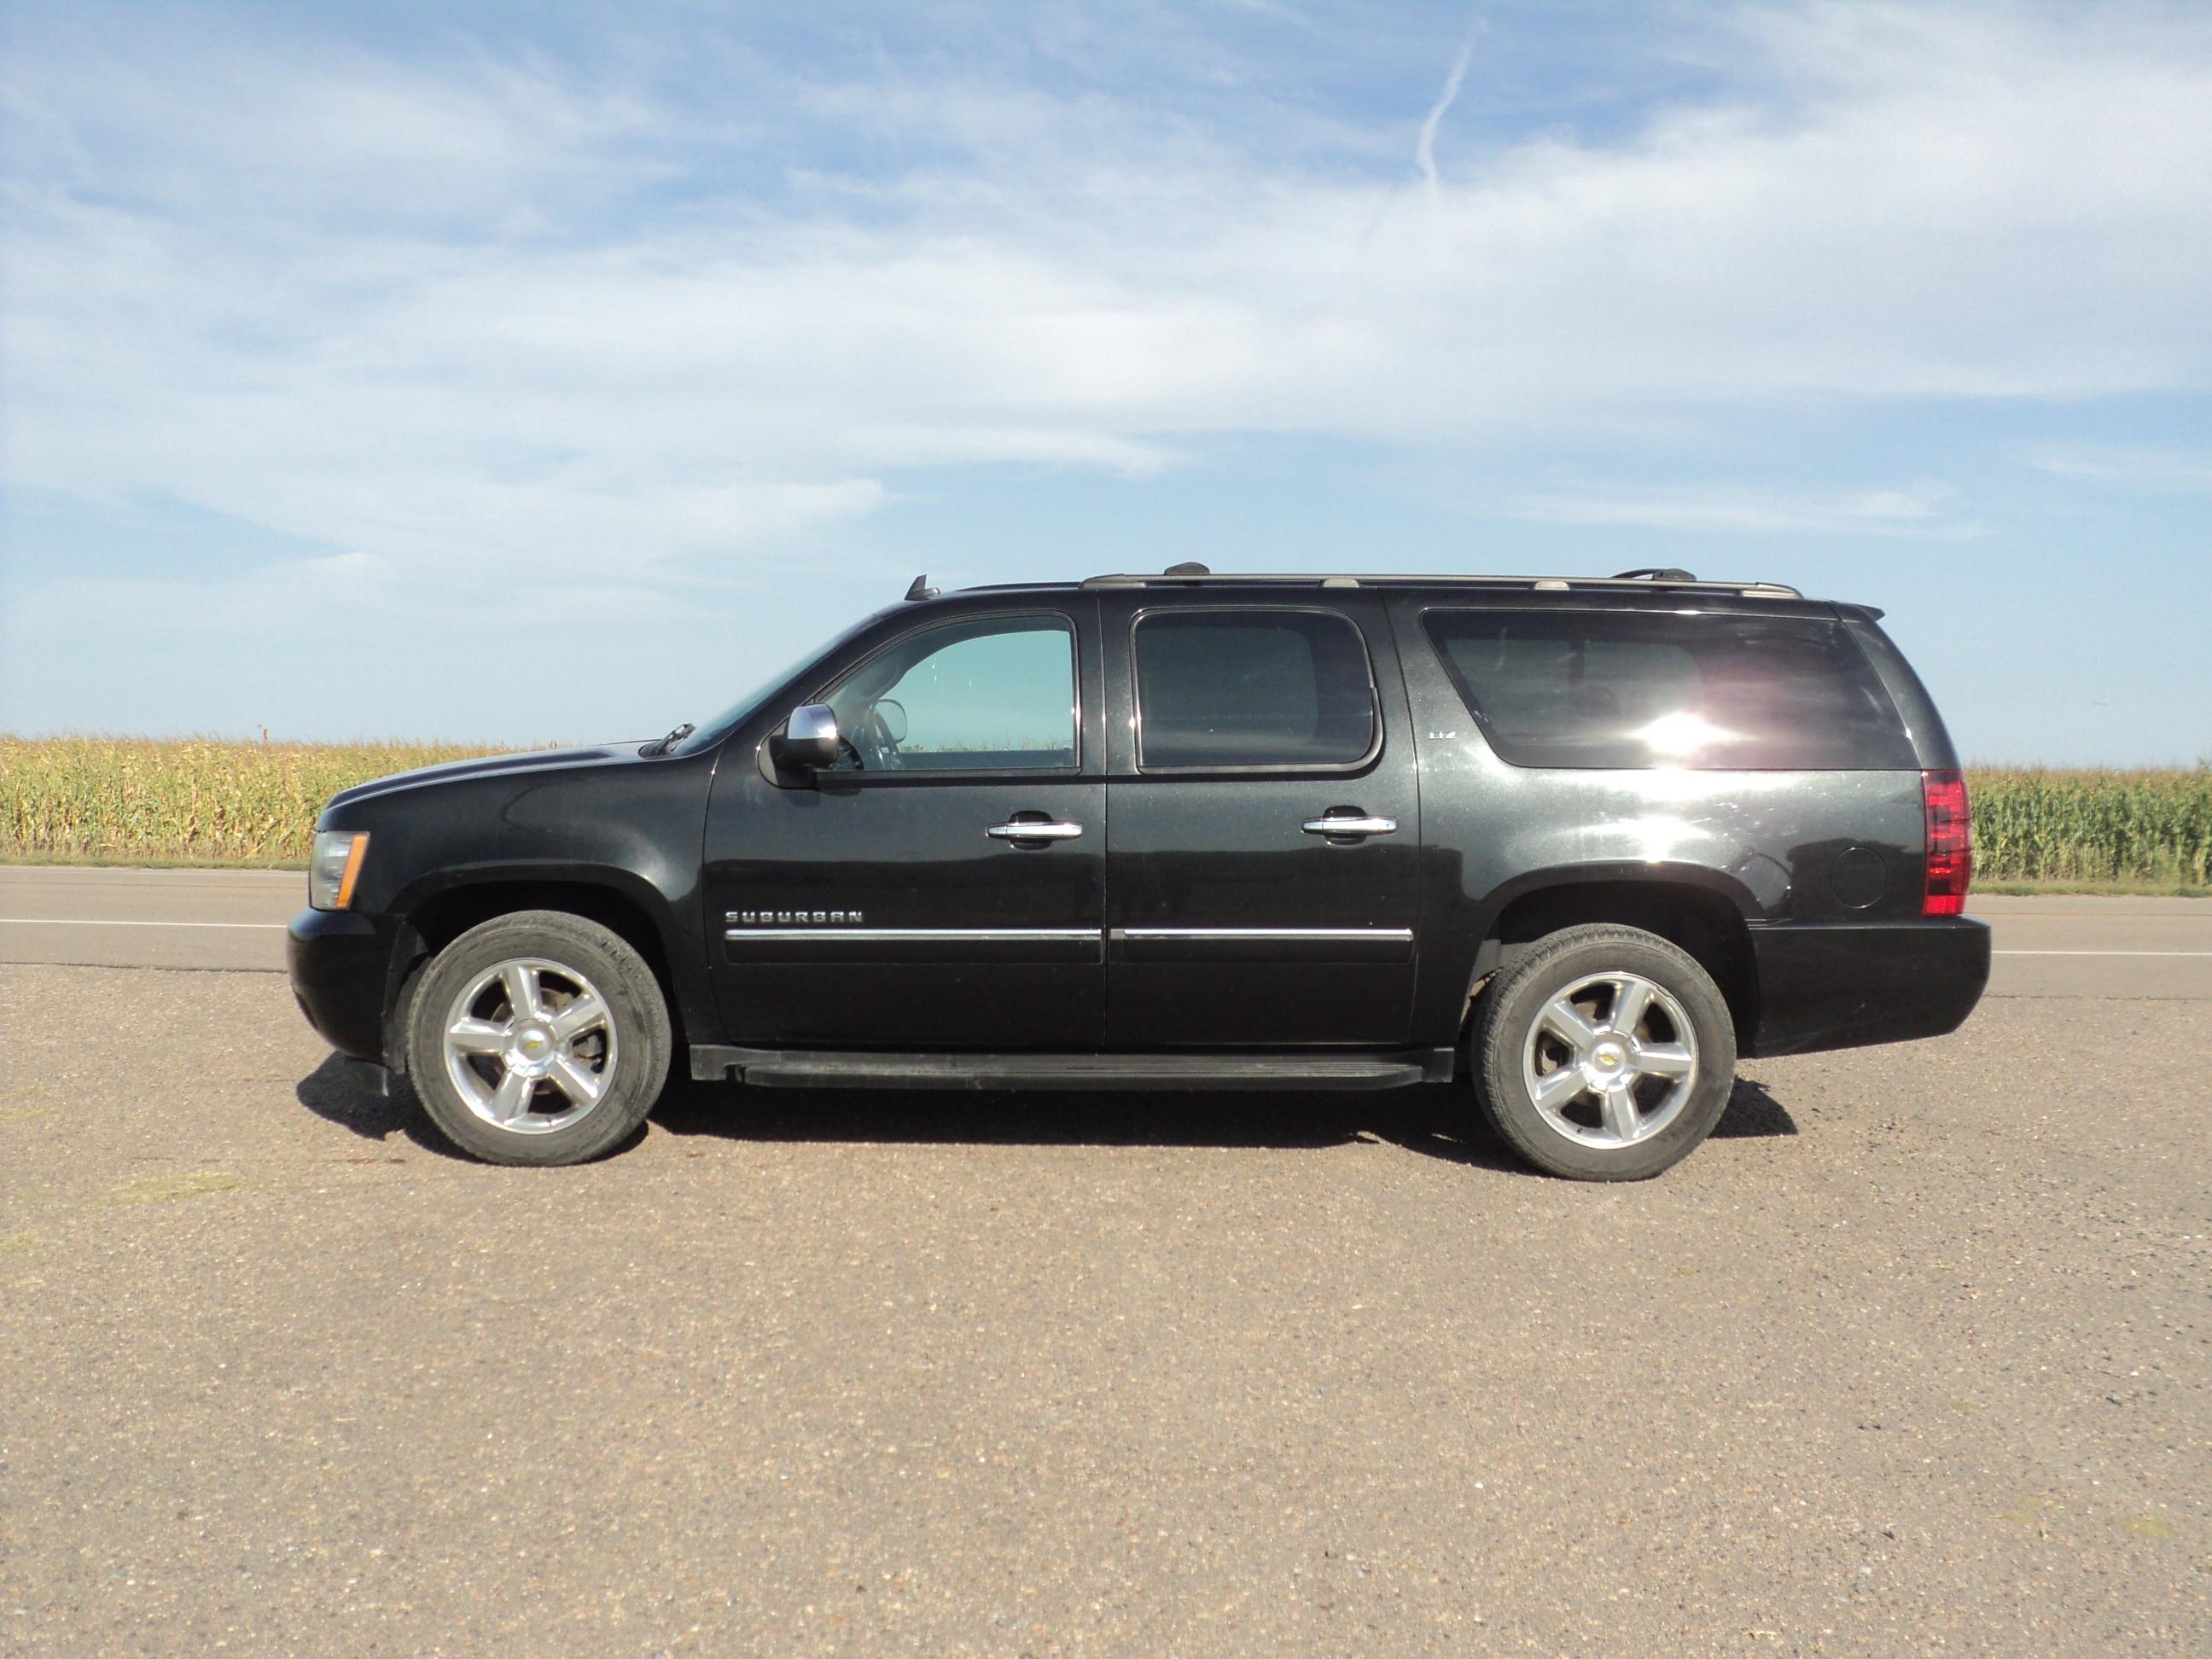 2011 Chevrolet Suburban 1500 LTZ SUV